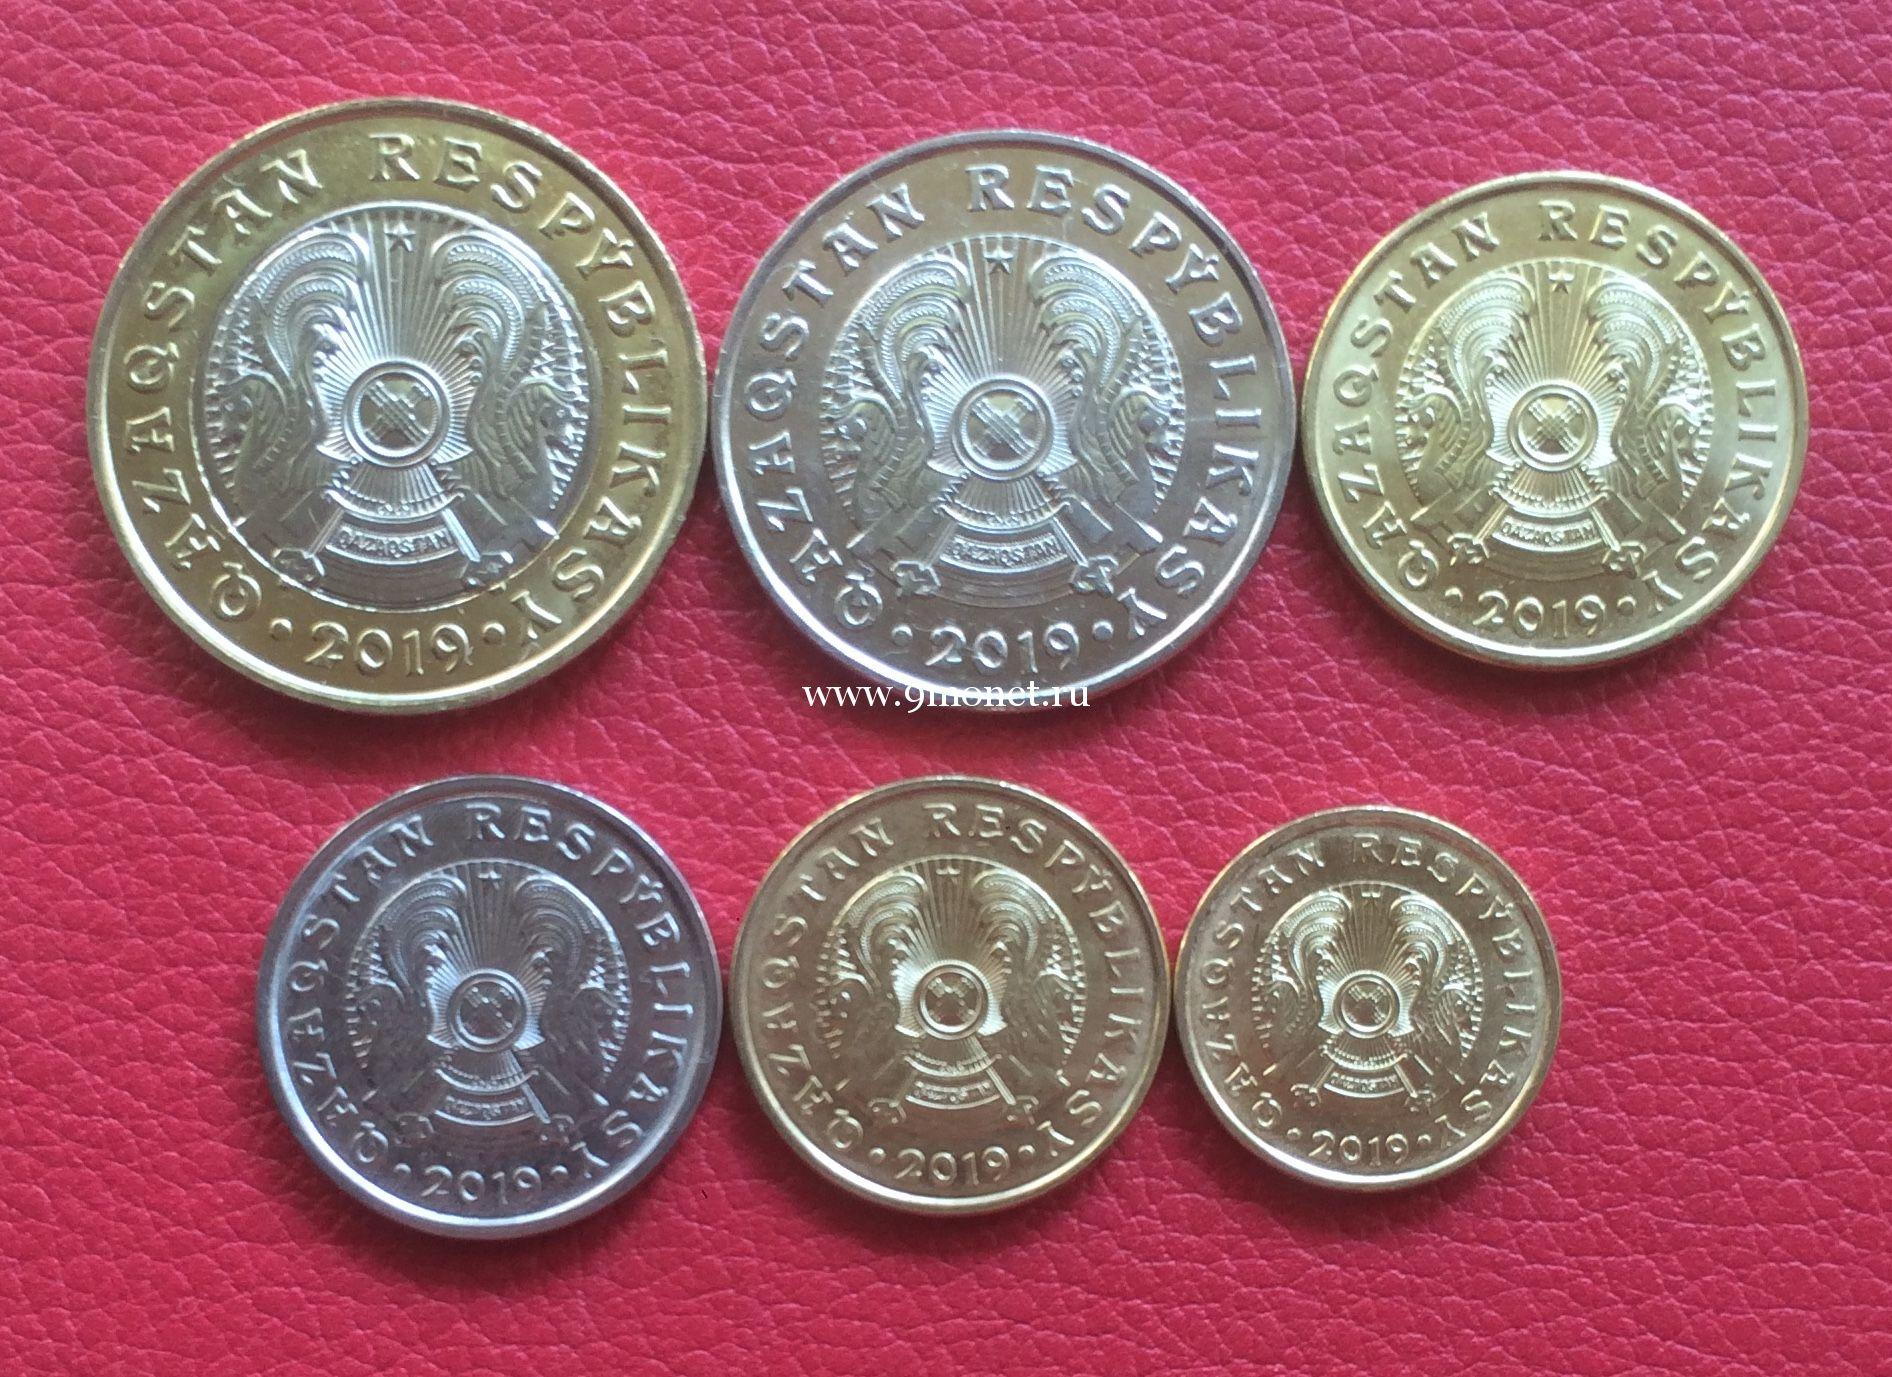 Казахстан годовой набор монет 2019 года.